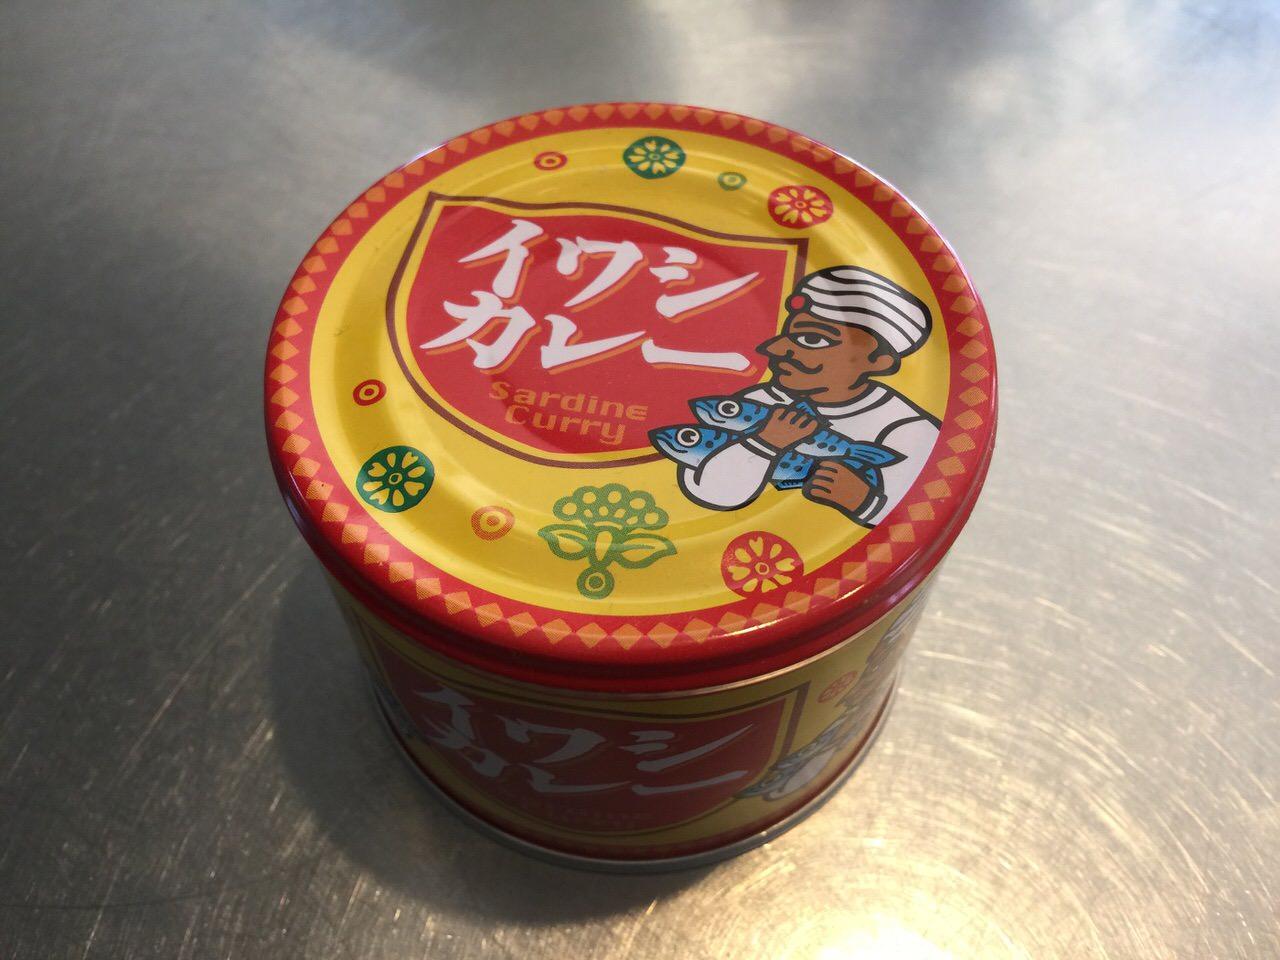 【イワシカレー】「サバカレー」の兄弟「イワシカレー缶」を食べてみた 〜魚のカレーは美味しいよね